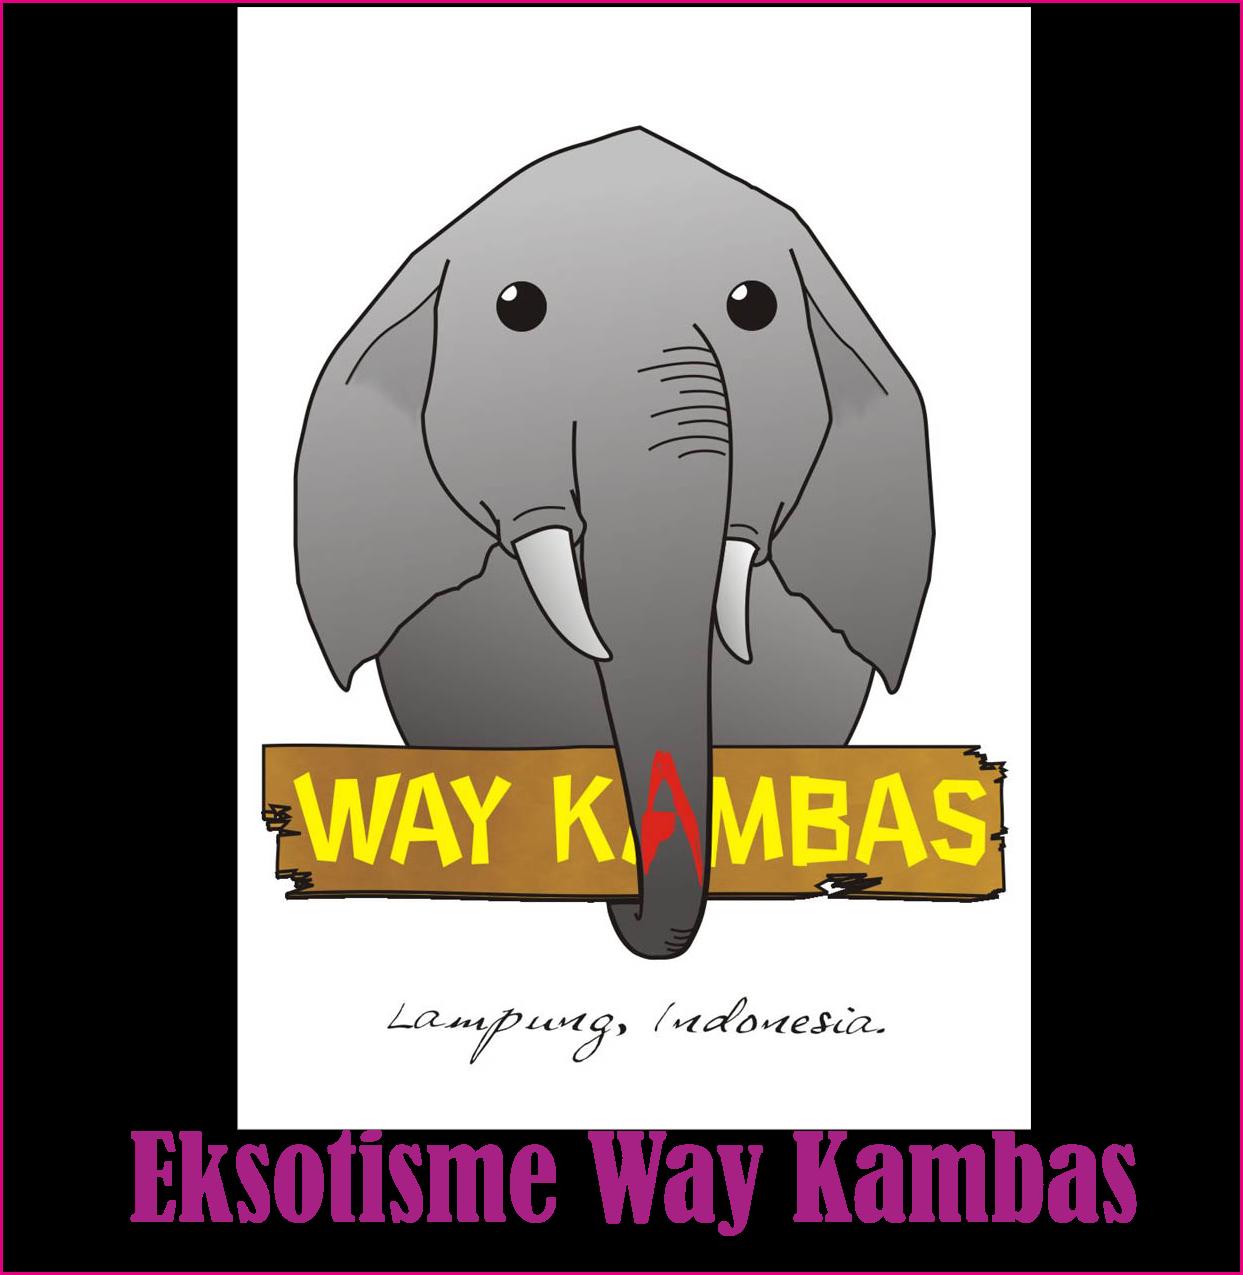 Eksotisme Way Kambas